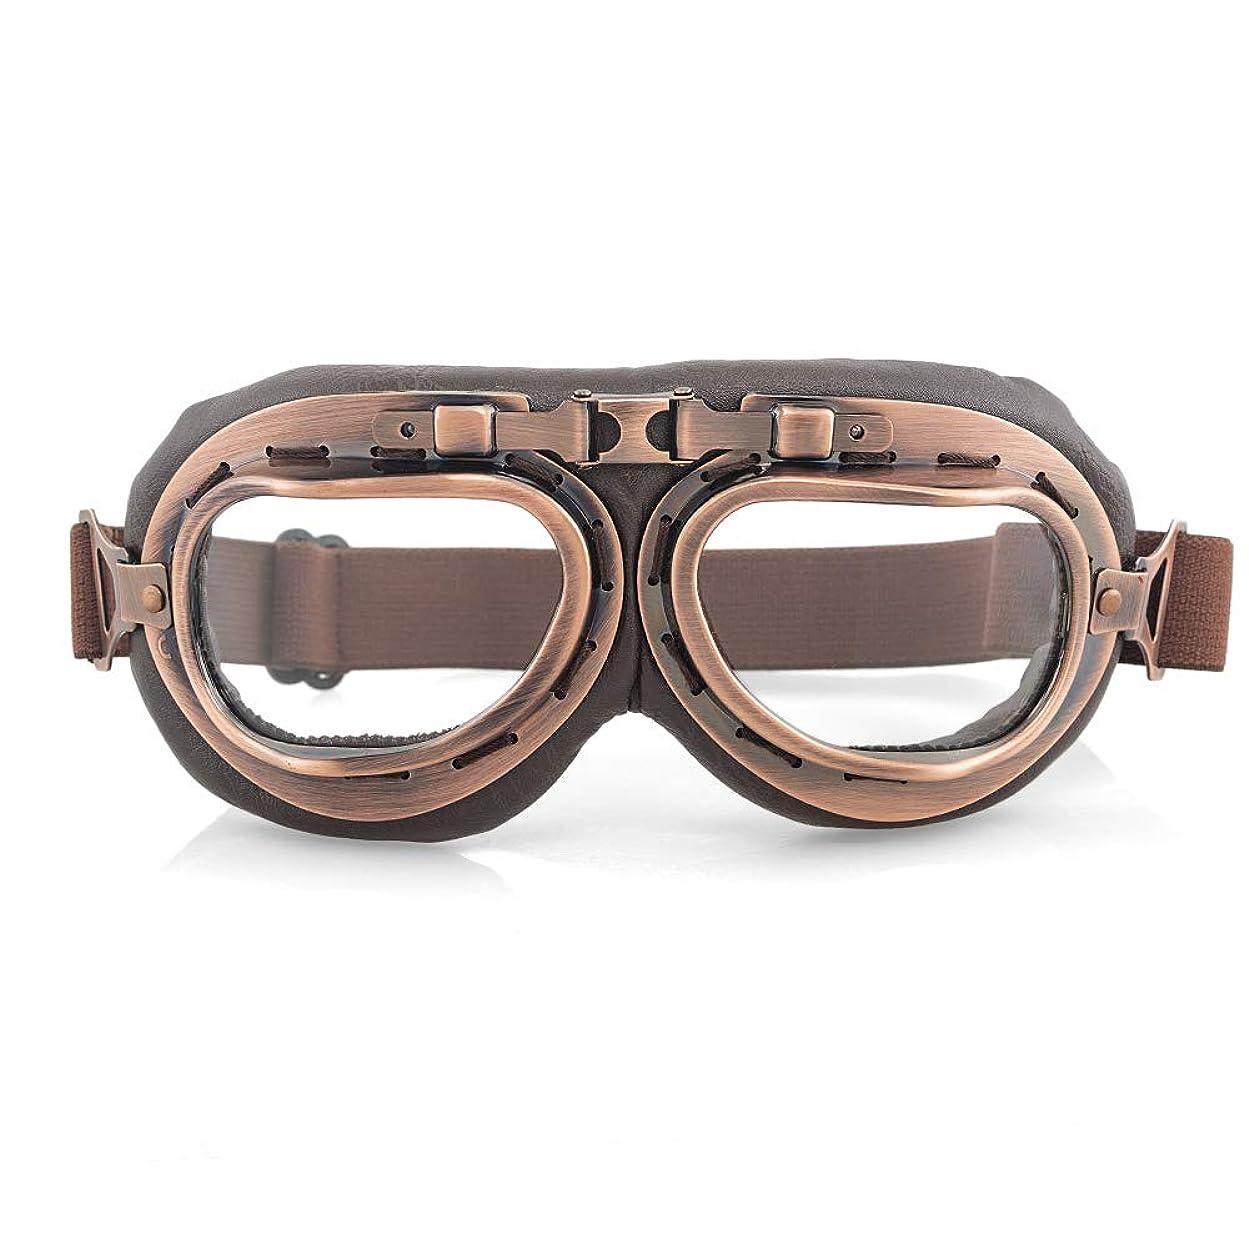 賠償靴イーウェルゴーグル ヴィンテージレトロ オートバイ サイクリング スポーツゴーグル メガネ ヘルメット眼鏡 PCレンズ UVカット 保護メガネ 防砂塵 防風 パンクゴーグル (トランスペアレント)